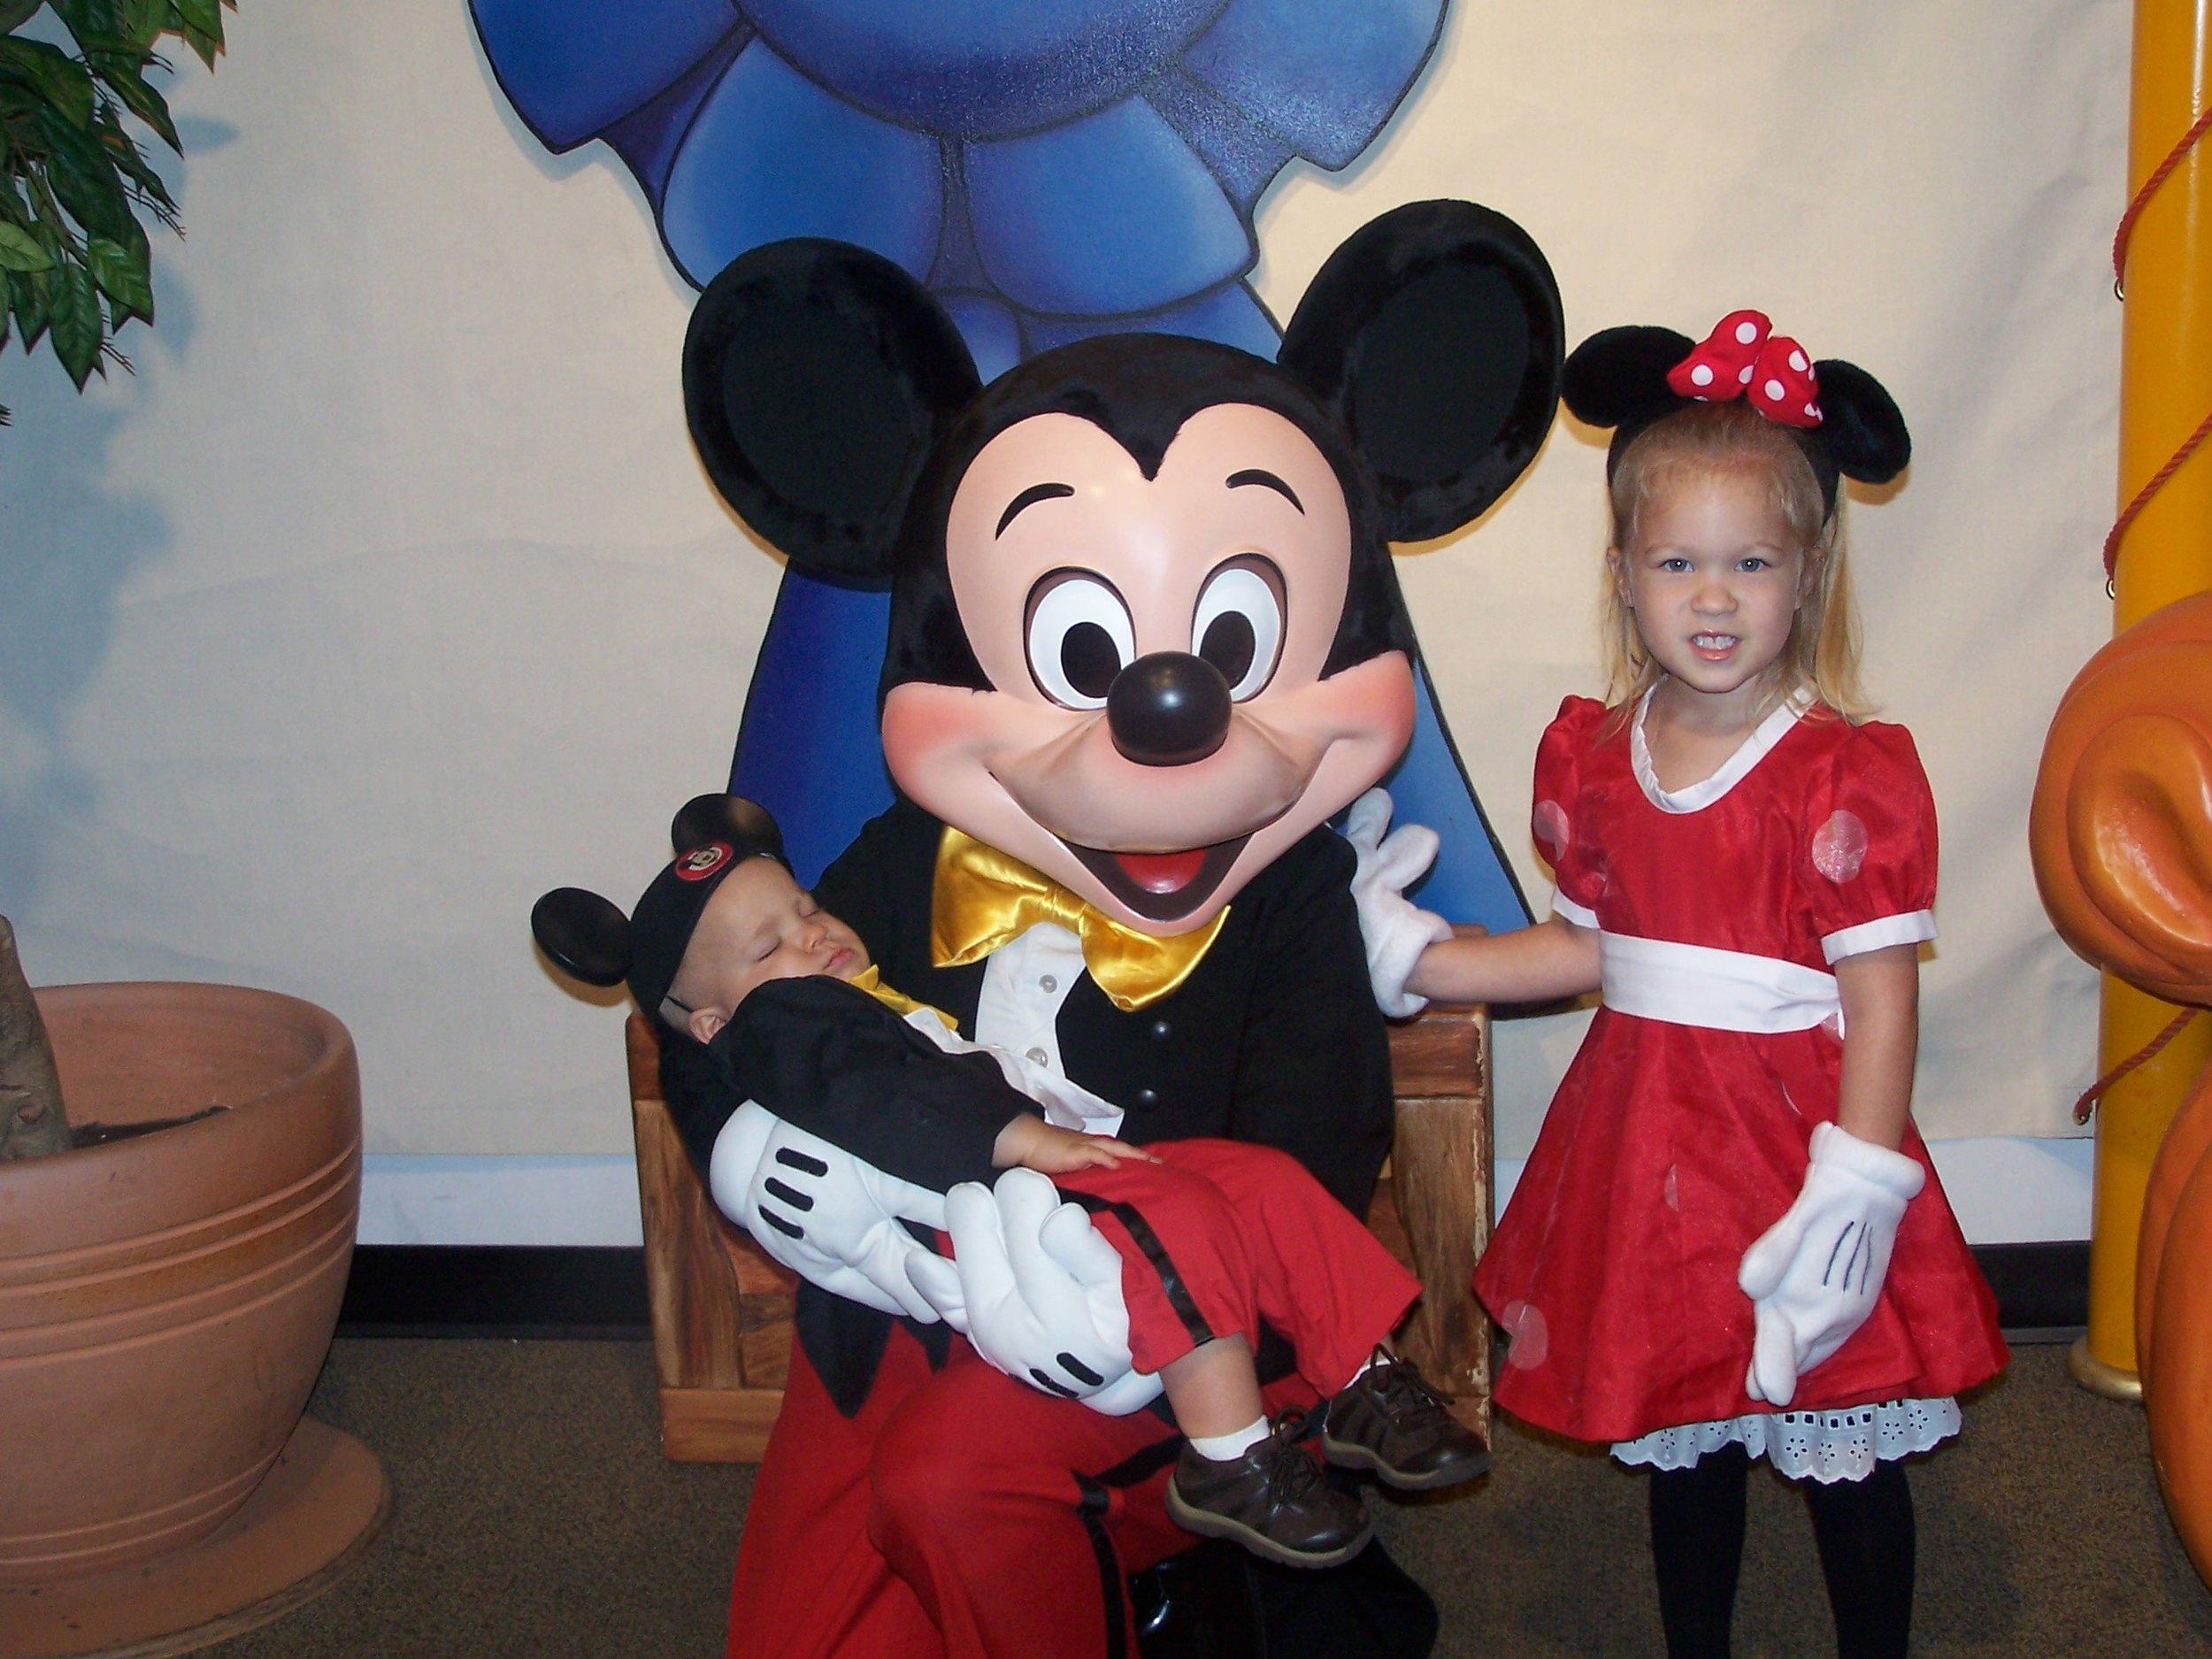 Disney_2004